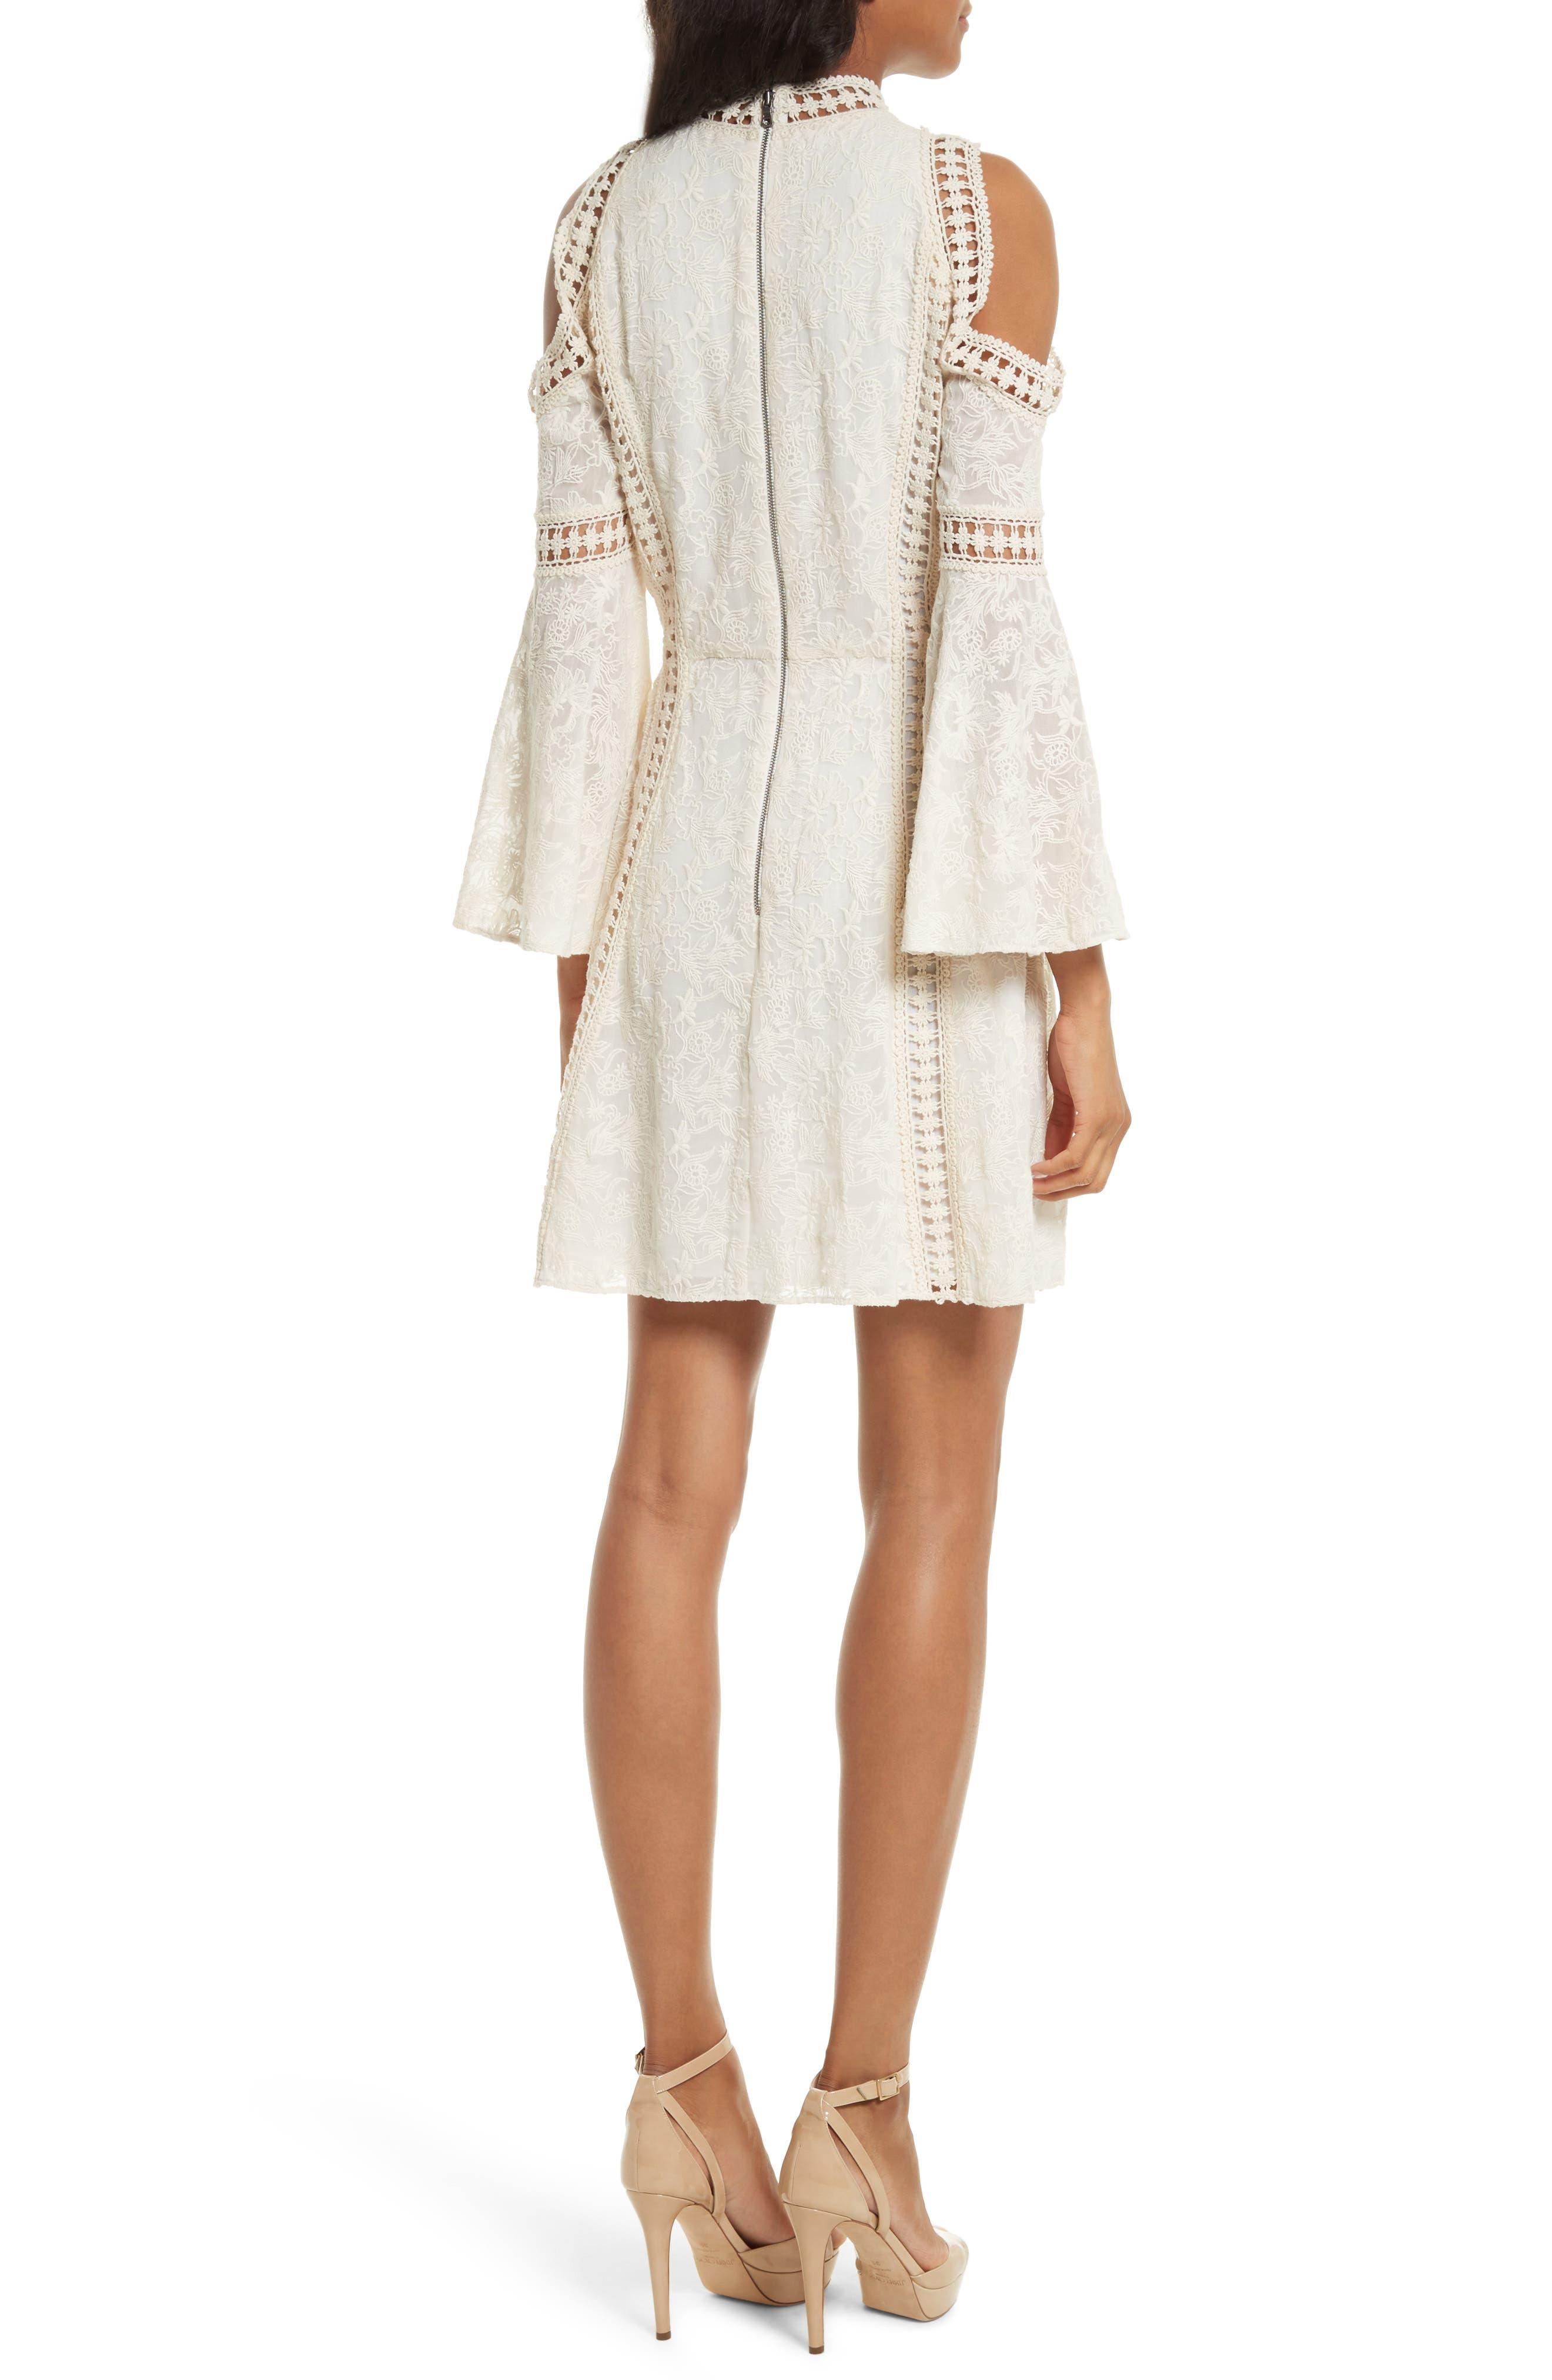 Enya Embroidered Cold Shoulder Dress,                             Alternate thumbnail 2, color,                             Cream